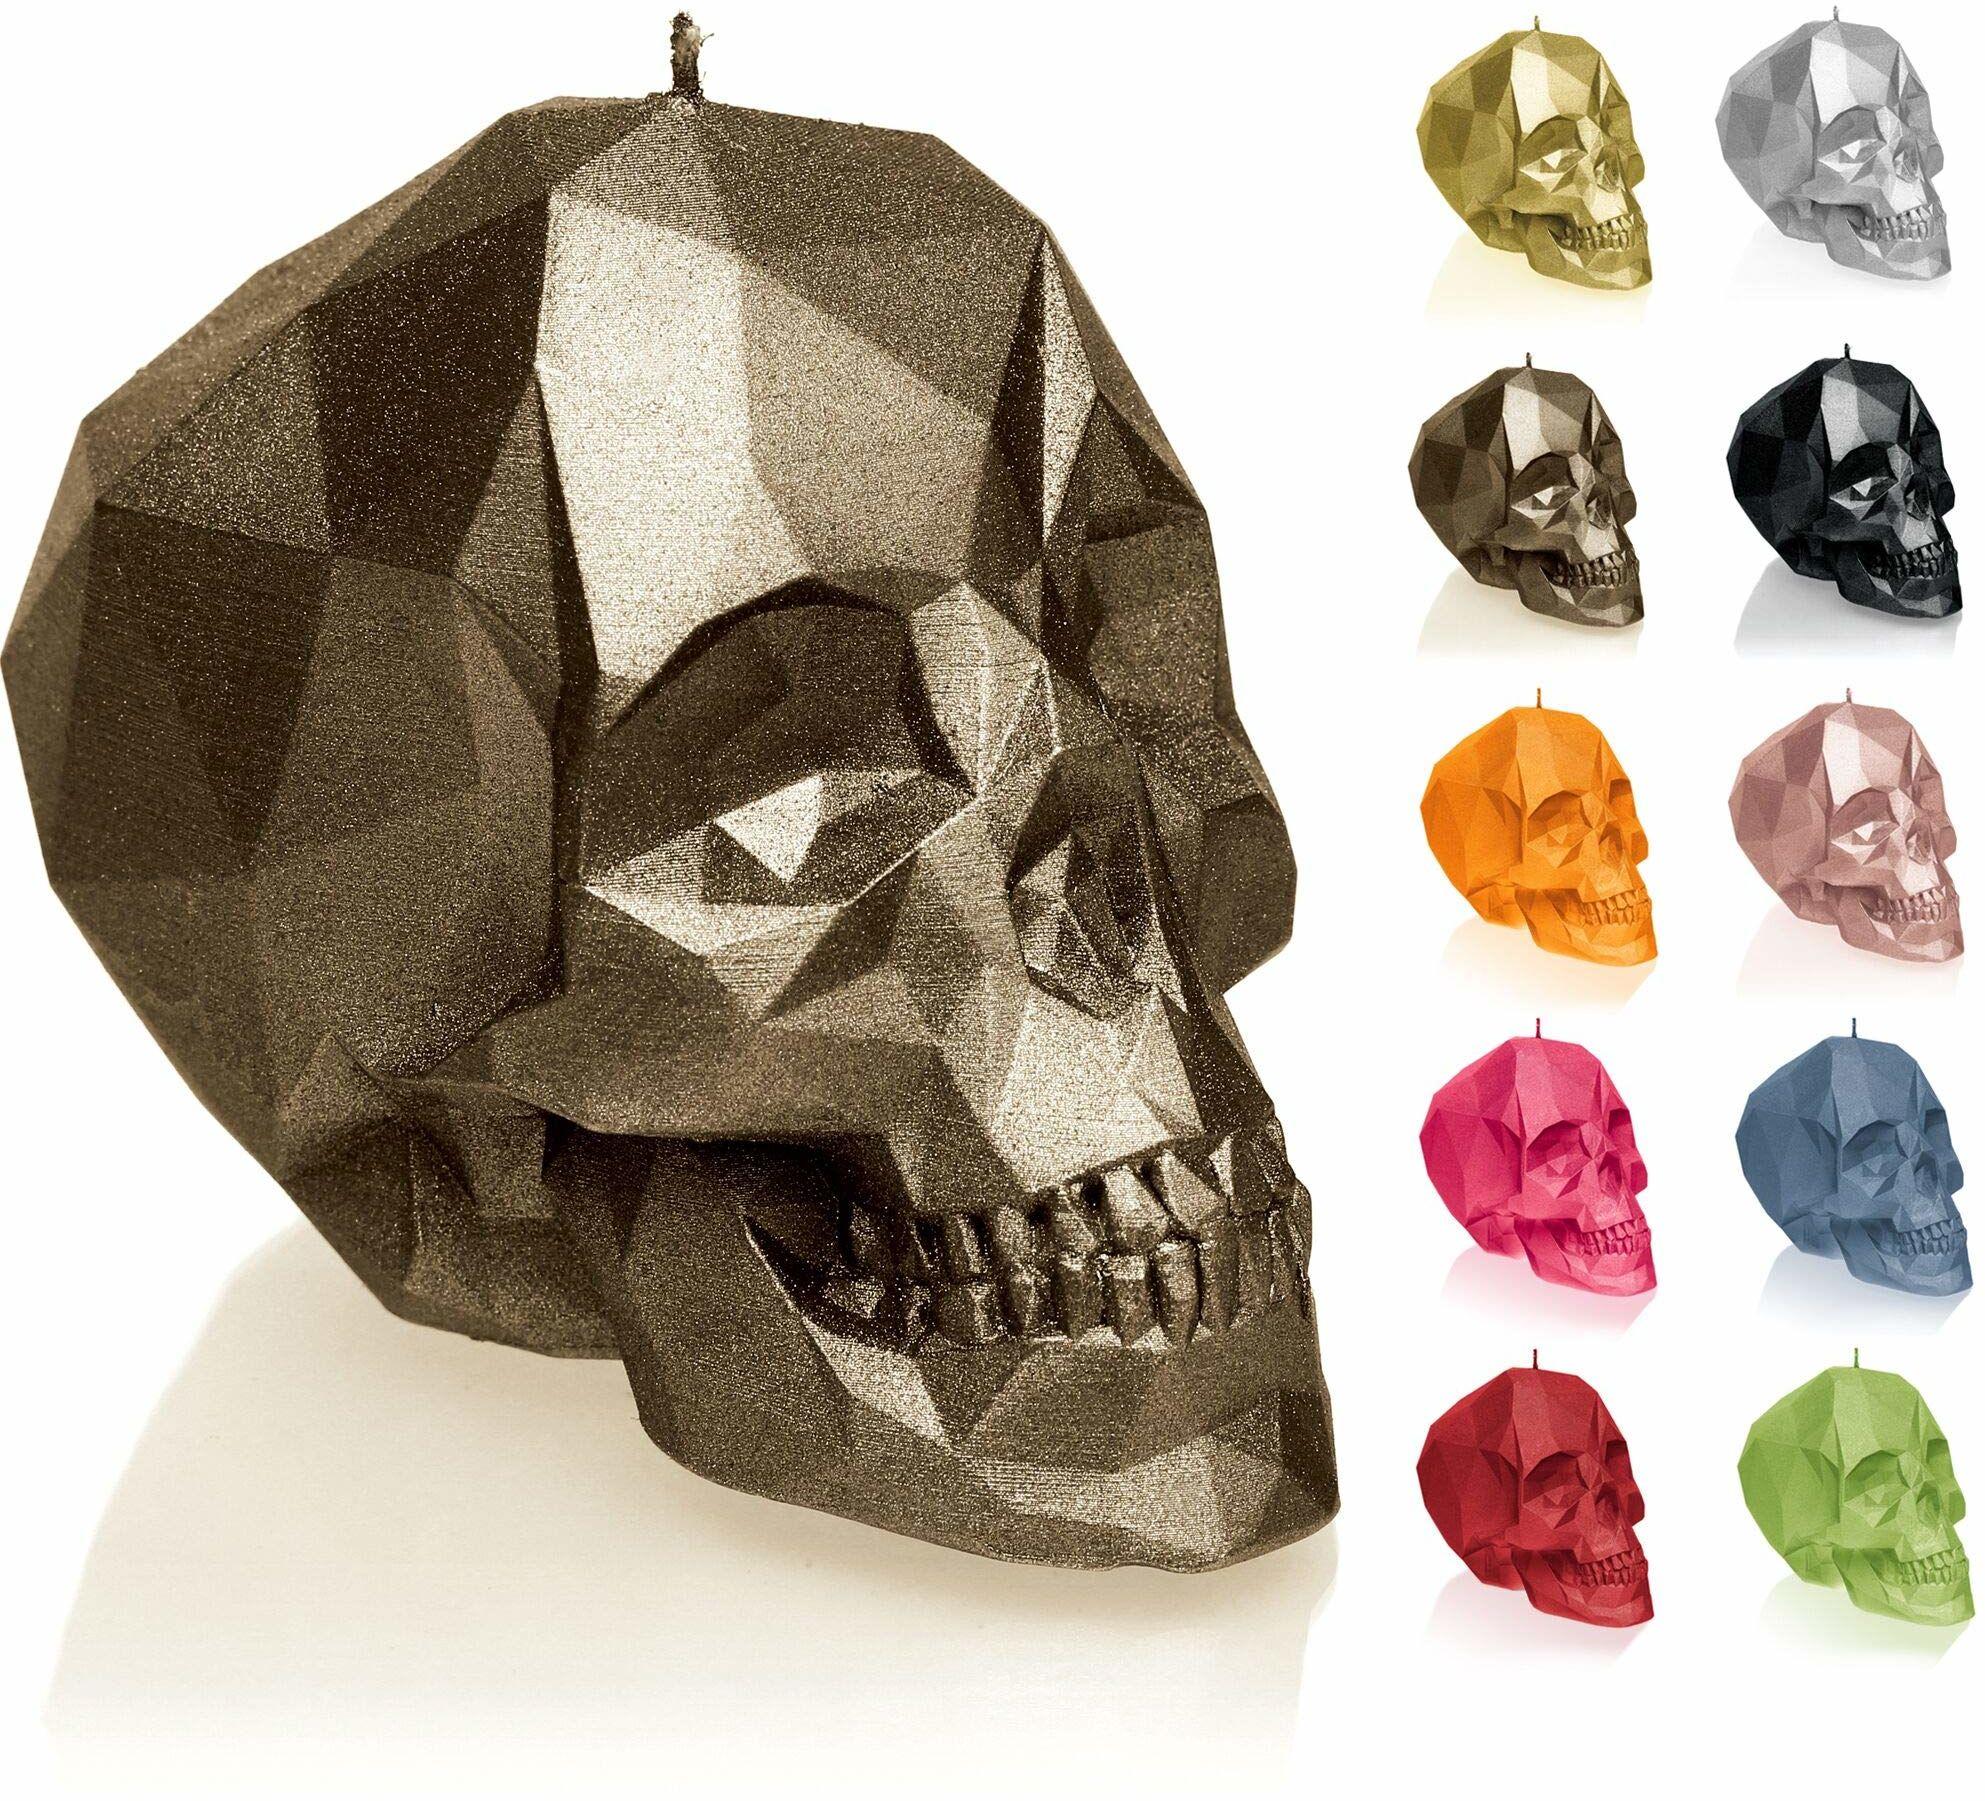 Candellana Świeca mała czaszka Low Poly wysokość: 7,5 cm mosiądz trupia czaszka wykonana ręcznie w UE 5903104883355, mosiądz, 7,5 x 10 x 6,5 cm